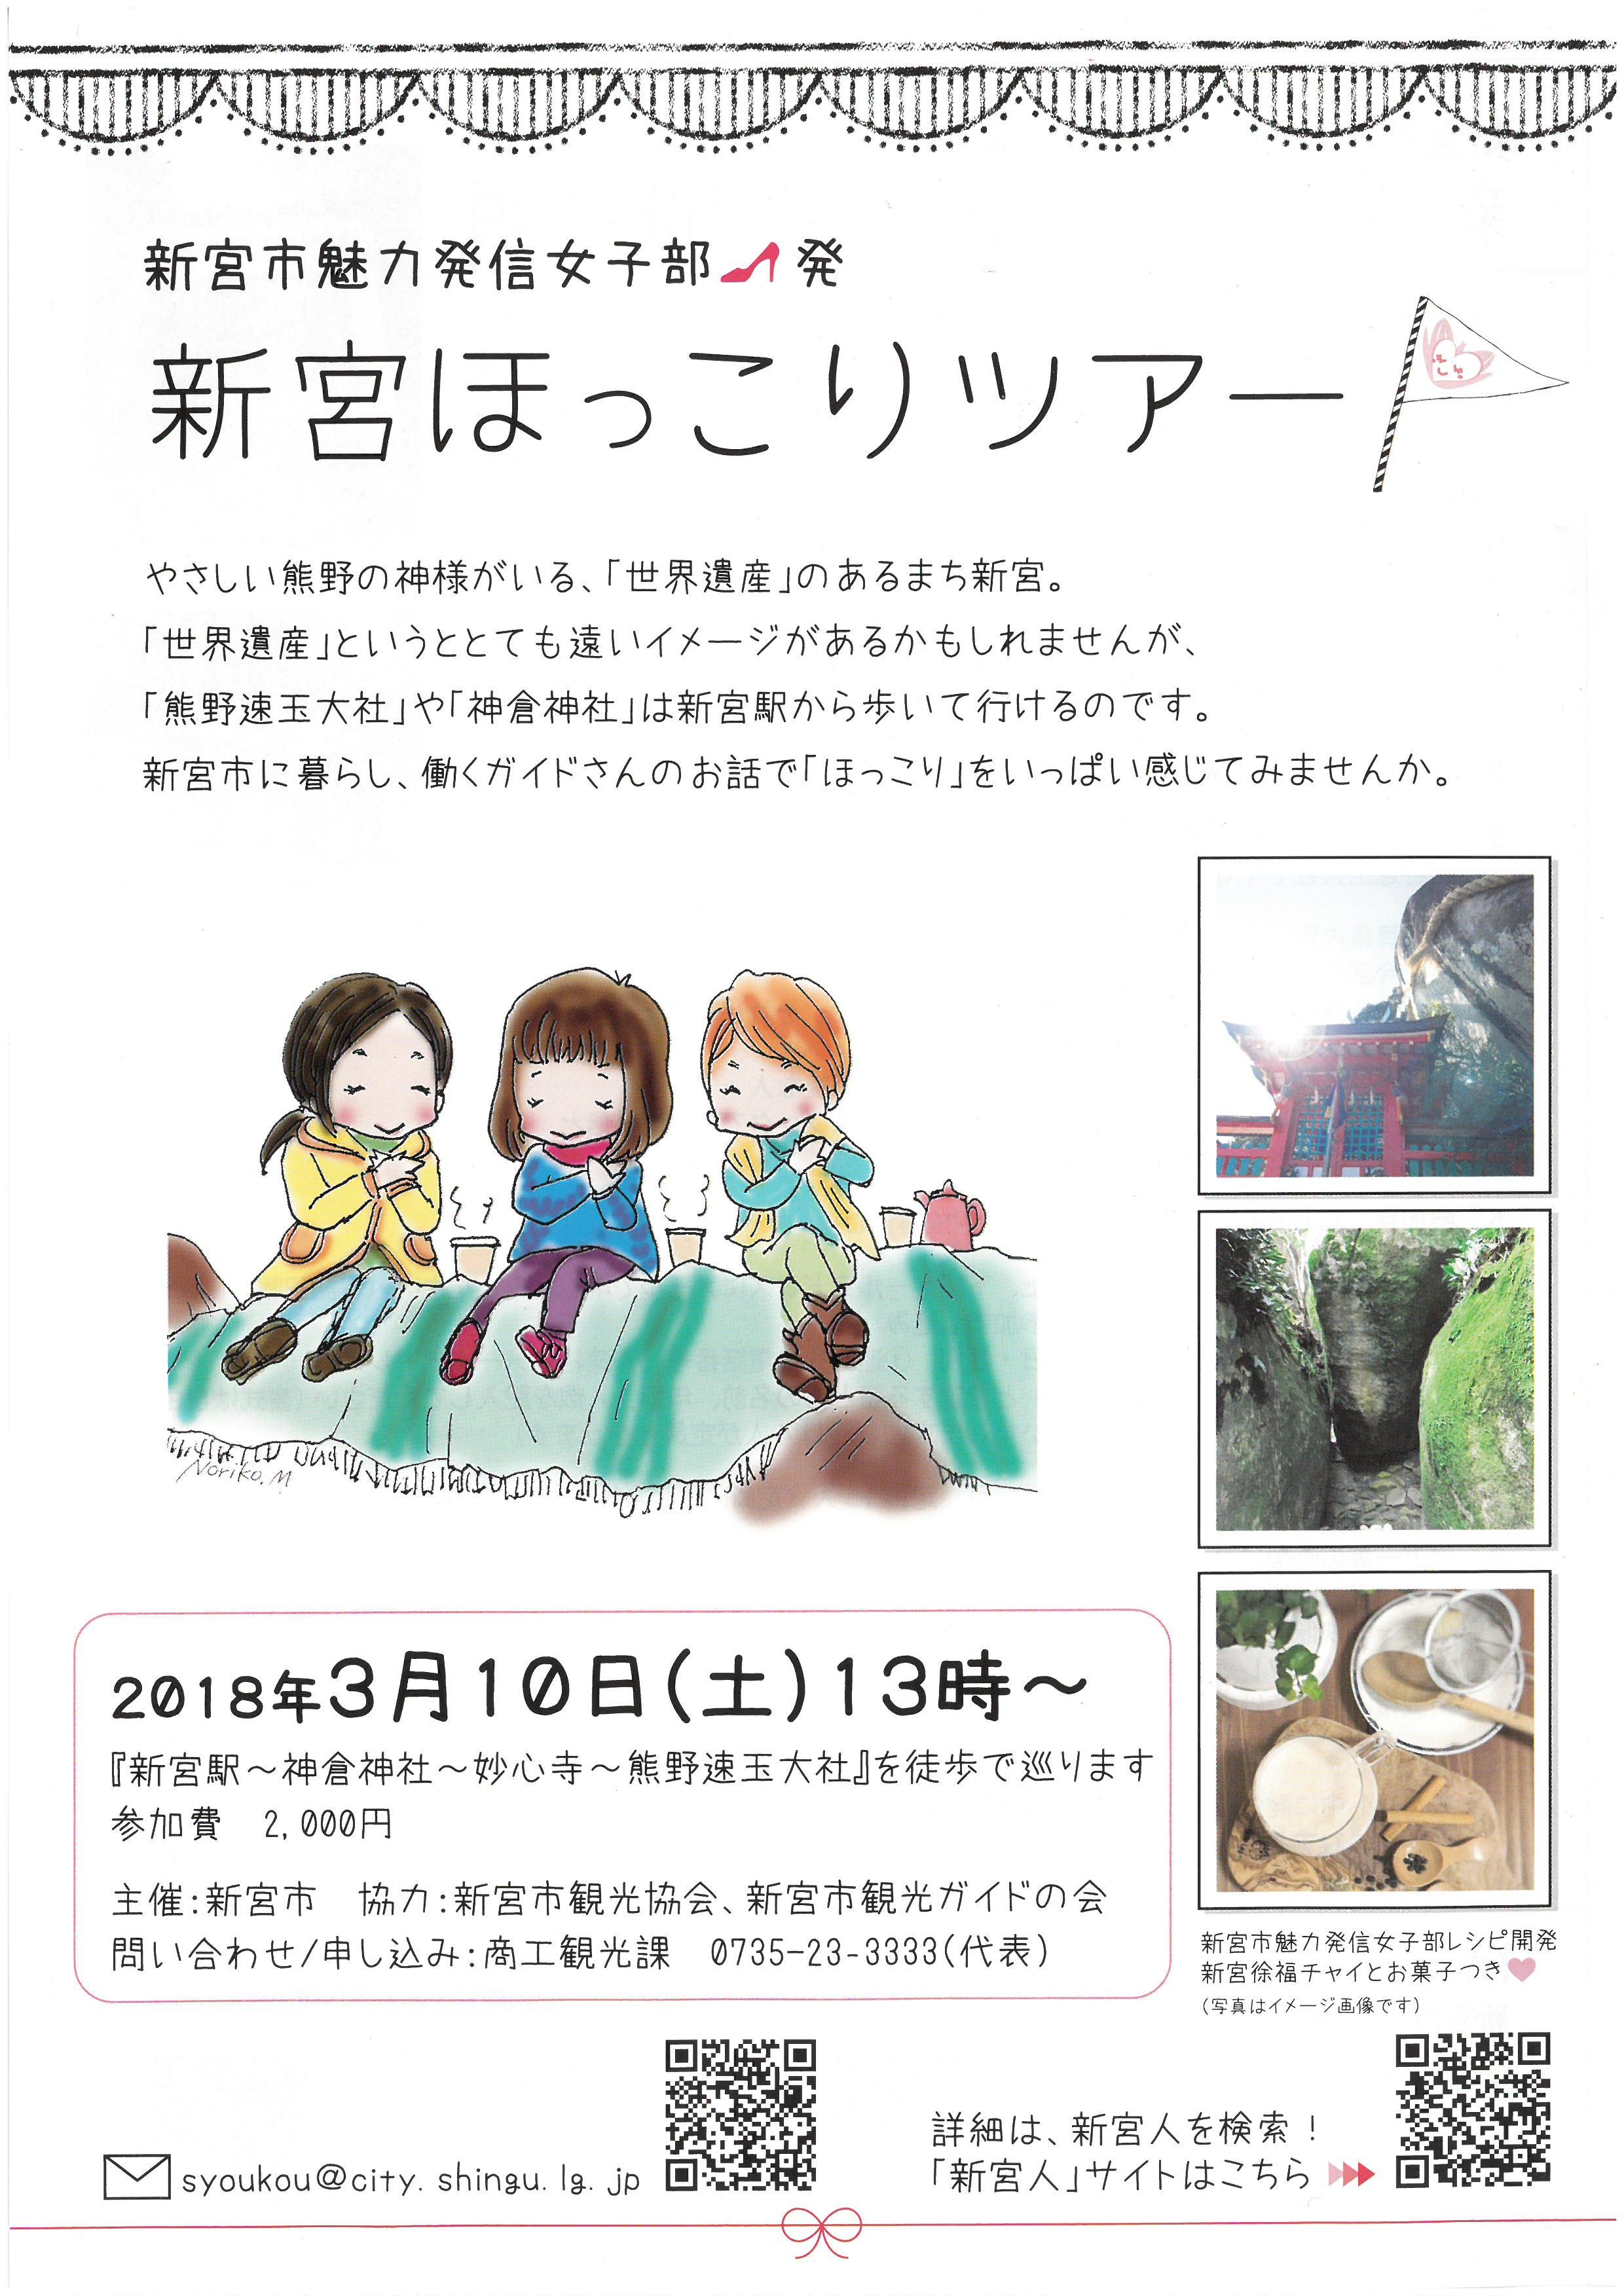 『新宮市ほっこりツアー』のお知らせ!